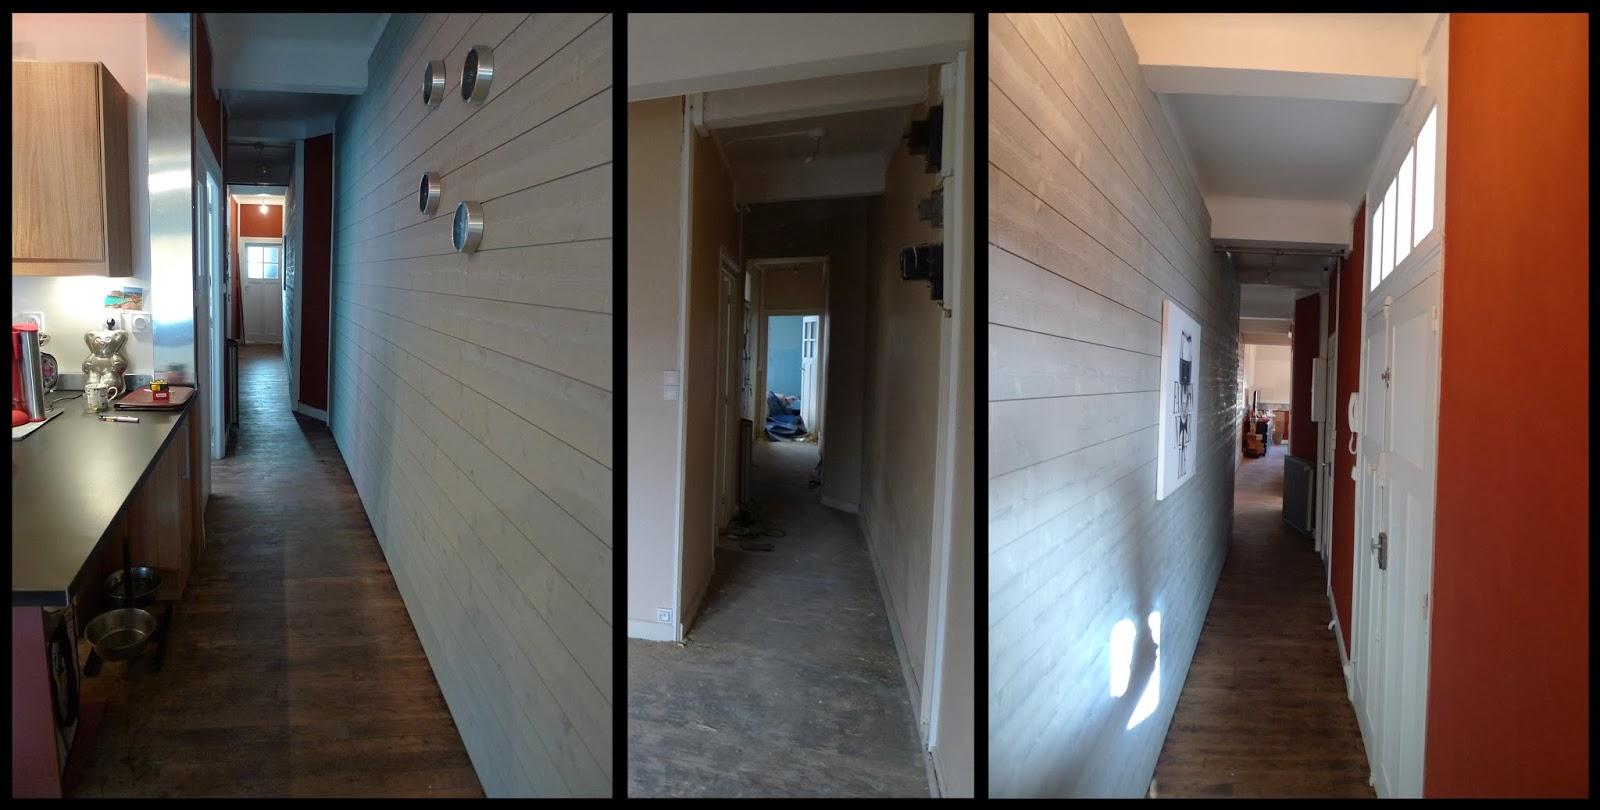 st phane le moign architecture dessinateur projeteur guingamp c tes d 39 armor r novation d. Black Bedroom Furniture Sets. Home Design Ideas